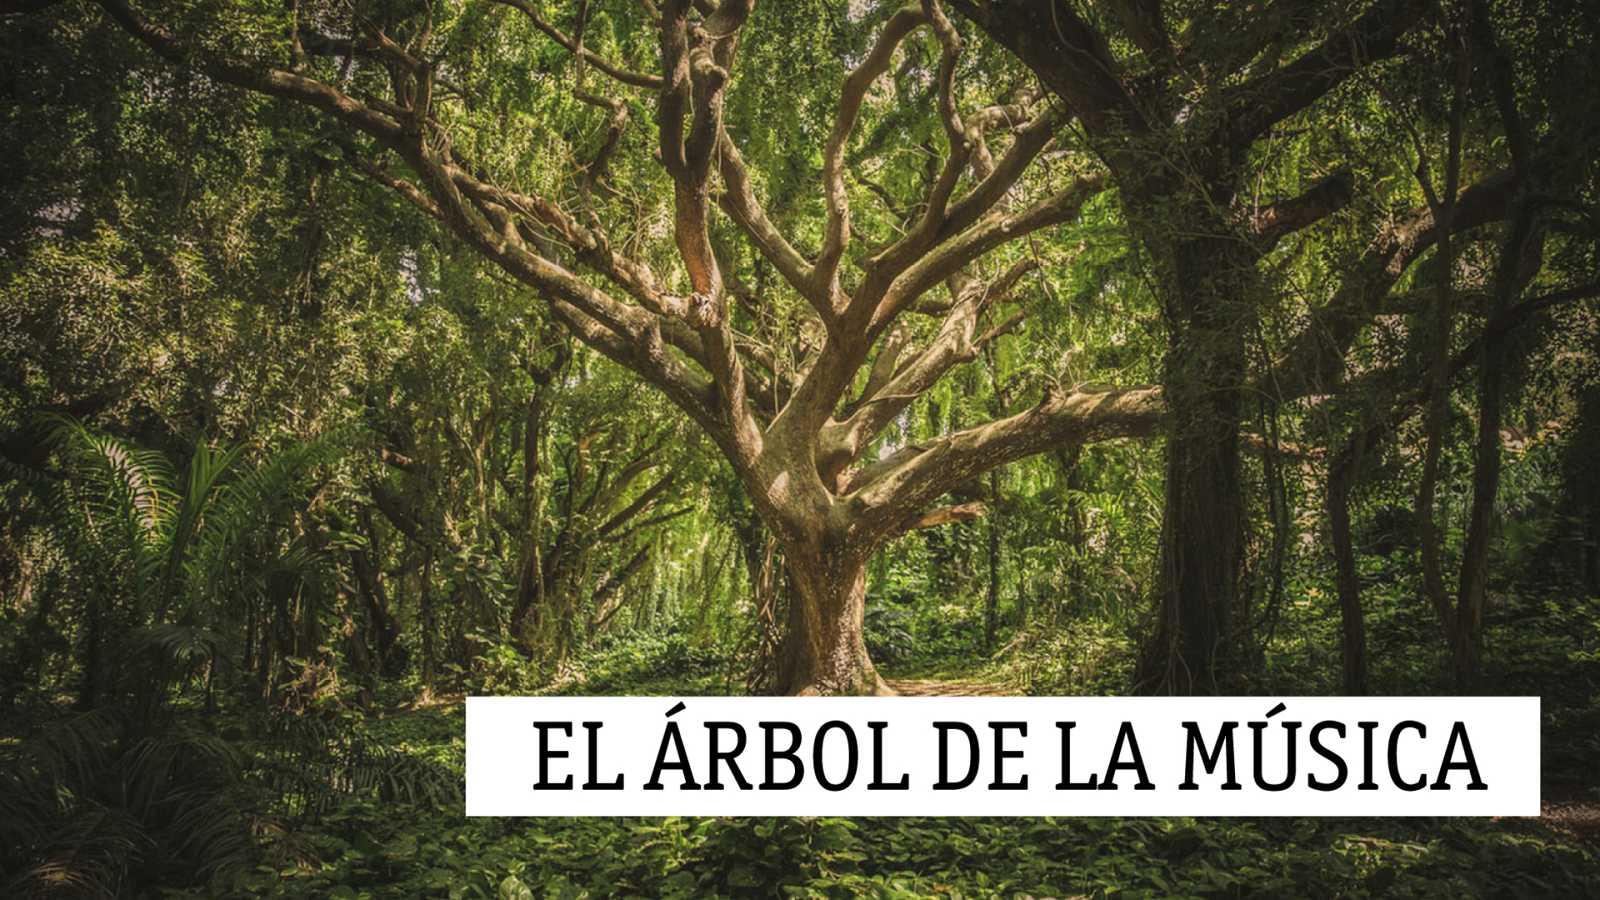 El árbol de la música - HACE DOS DÍAS DE NAVIDAD Y FALTAN CINCO PARA FIN DE AÑO - 27/12/20 - escuchar ahora